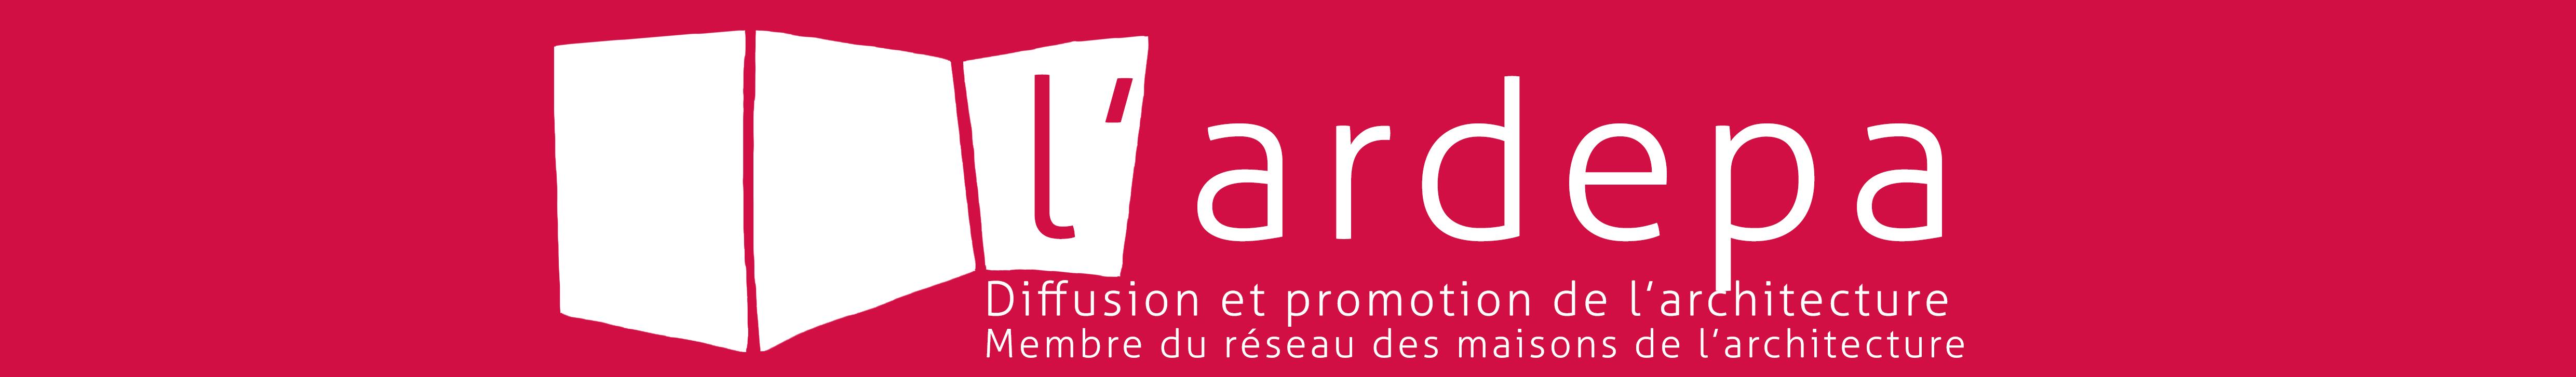 l'ardepa - Association régionale pour la diffusion et la promotion de l'architecture